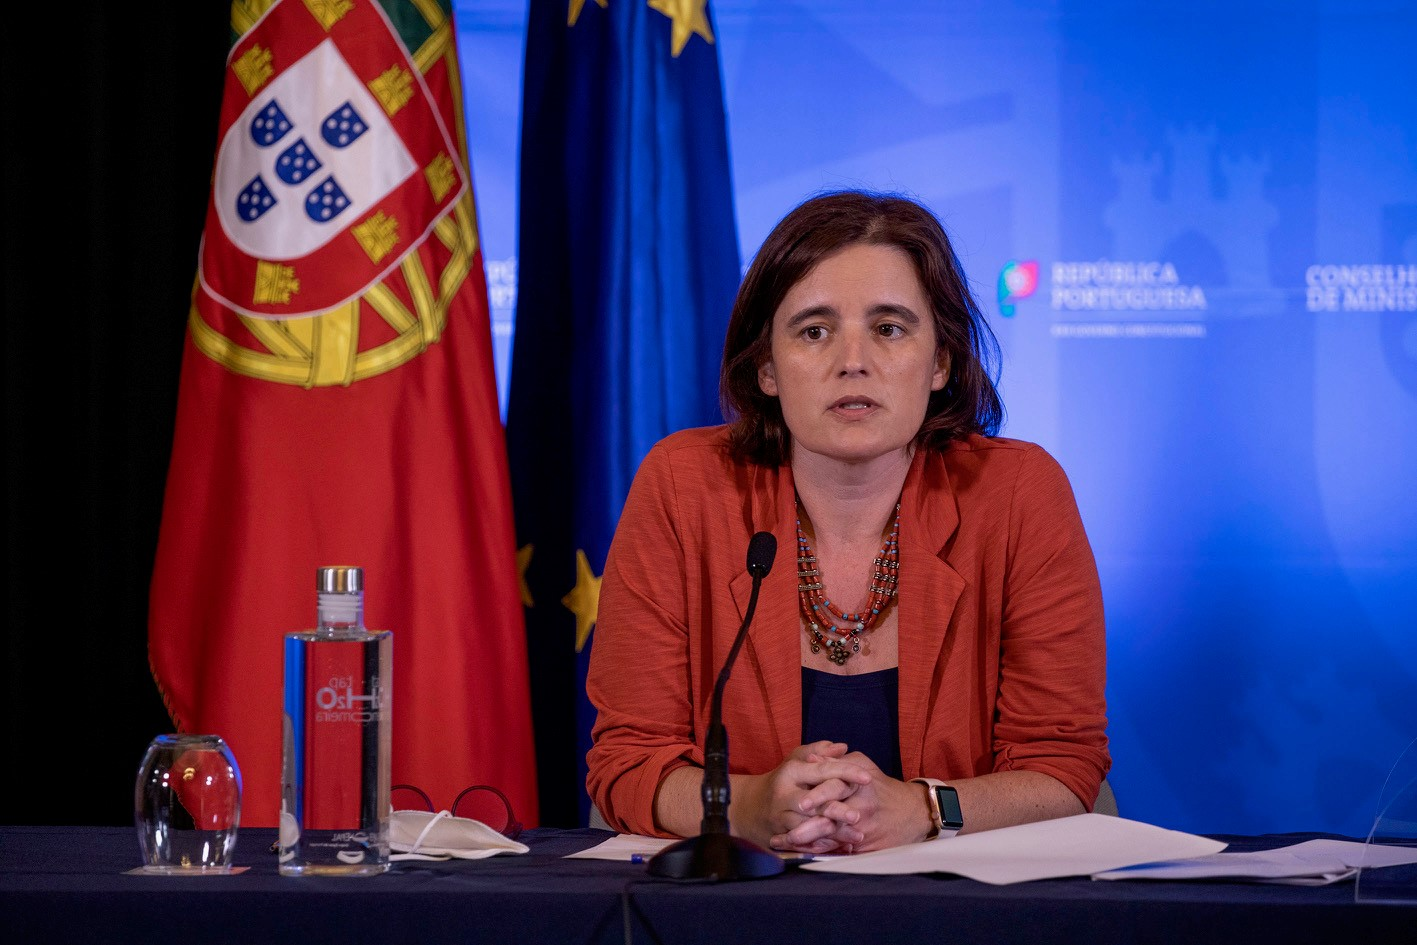 Lizbona Kordon Sanitarny Sytuacja Pandemia Delta Plus Koronawirus Prawdziwe Informacje Doniesienia na żywo relacja stan epidemiologiczny zasady obostrzenia zamknięcie Lisbony